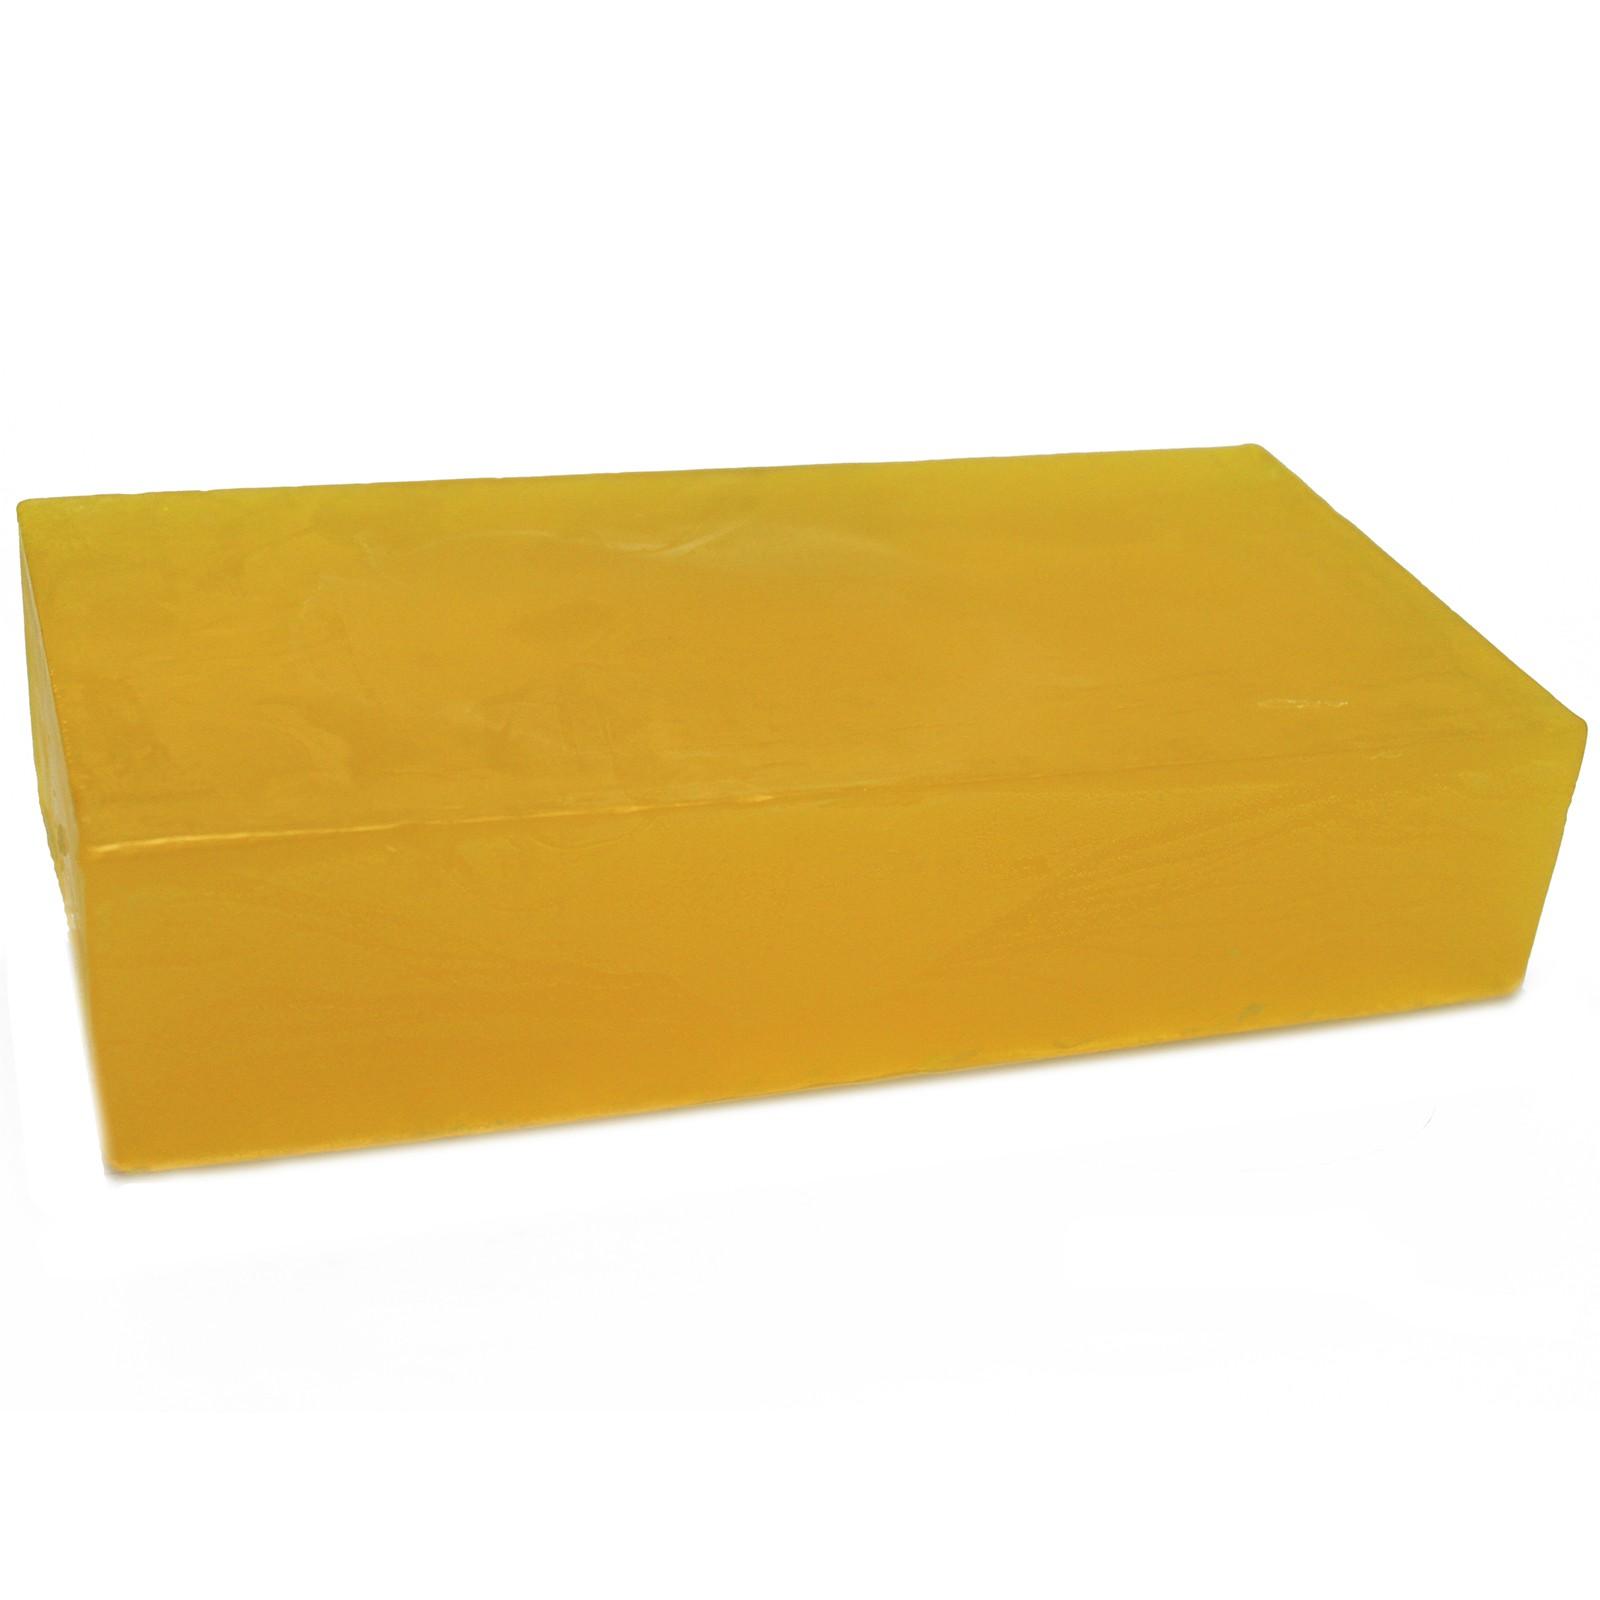 Lemon Essential Oil Soap Loaf 2kg